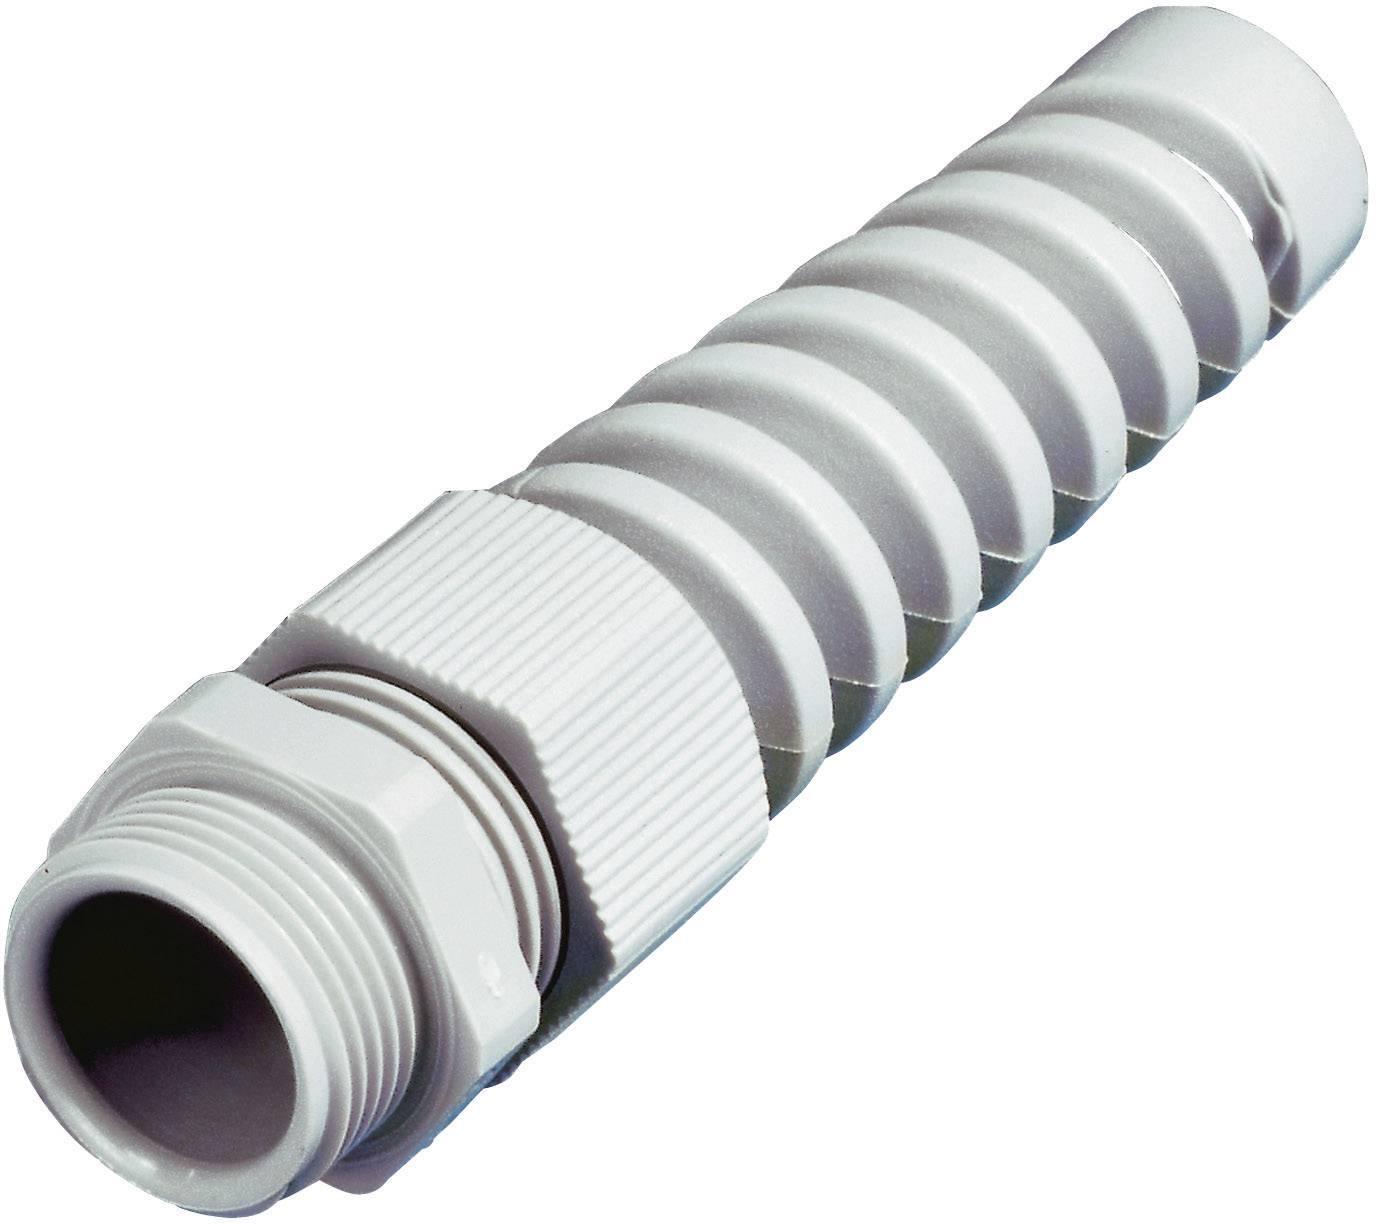 Kabelová průchodka Wiska ESKVS M32 RAL 9005 (10061283), M32, černá